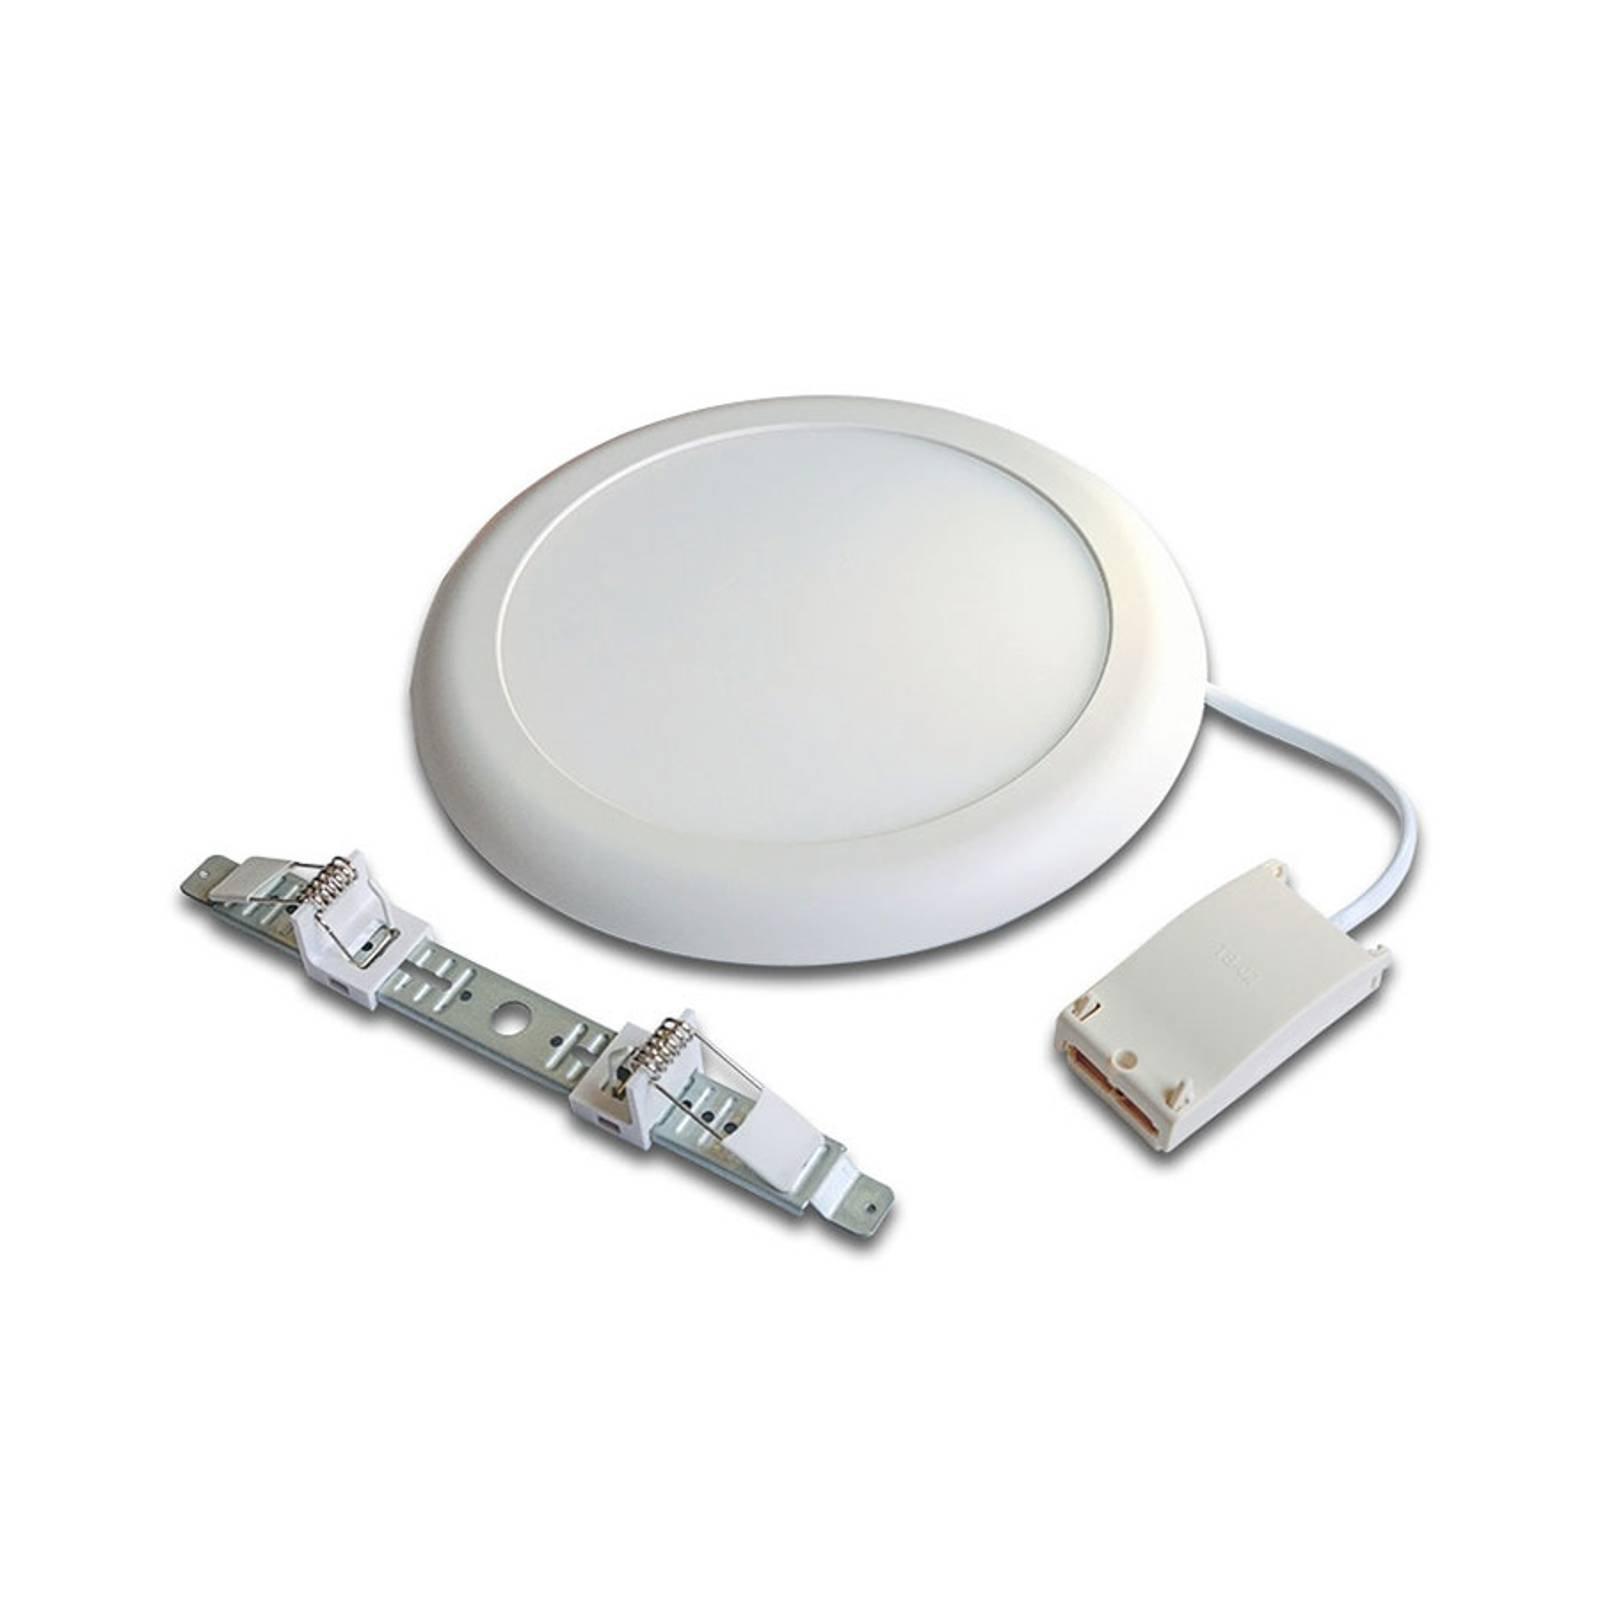 LED-pære FR 65/205, inn-/påmontert, hvit, 4 000 K